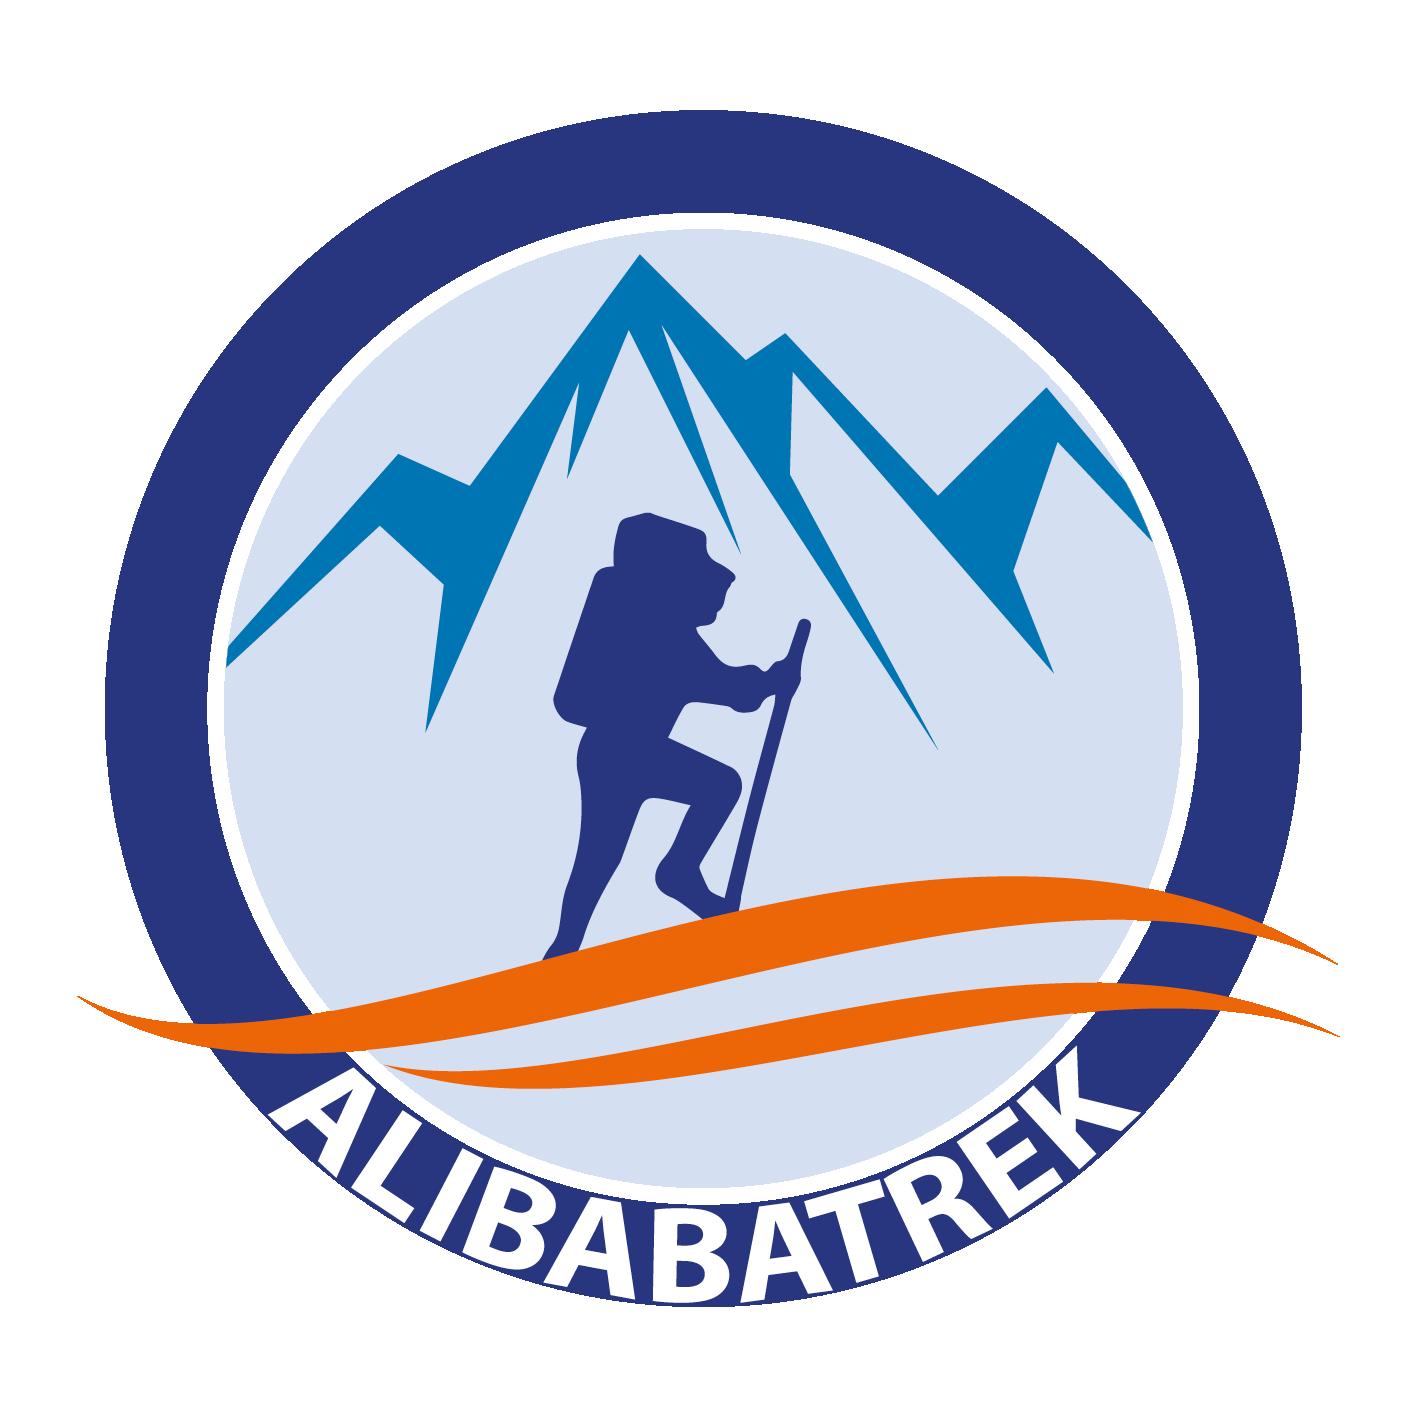 Alibabatrek   Iran Tour Operator